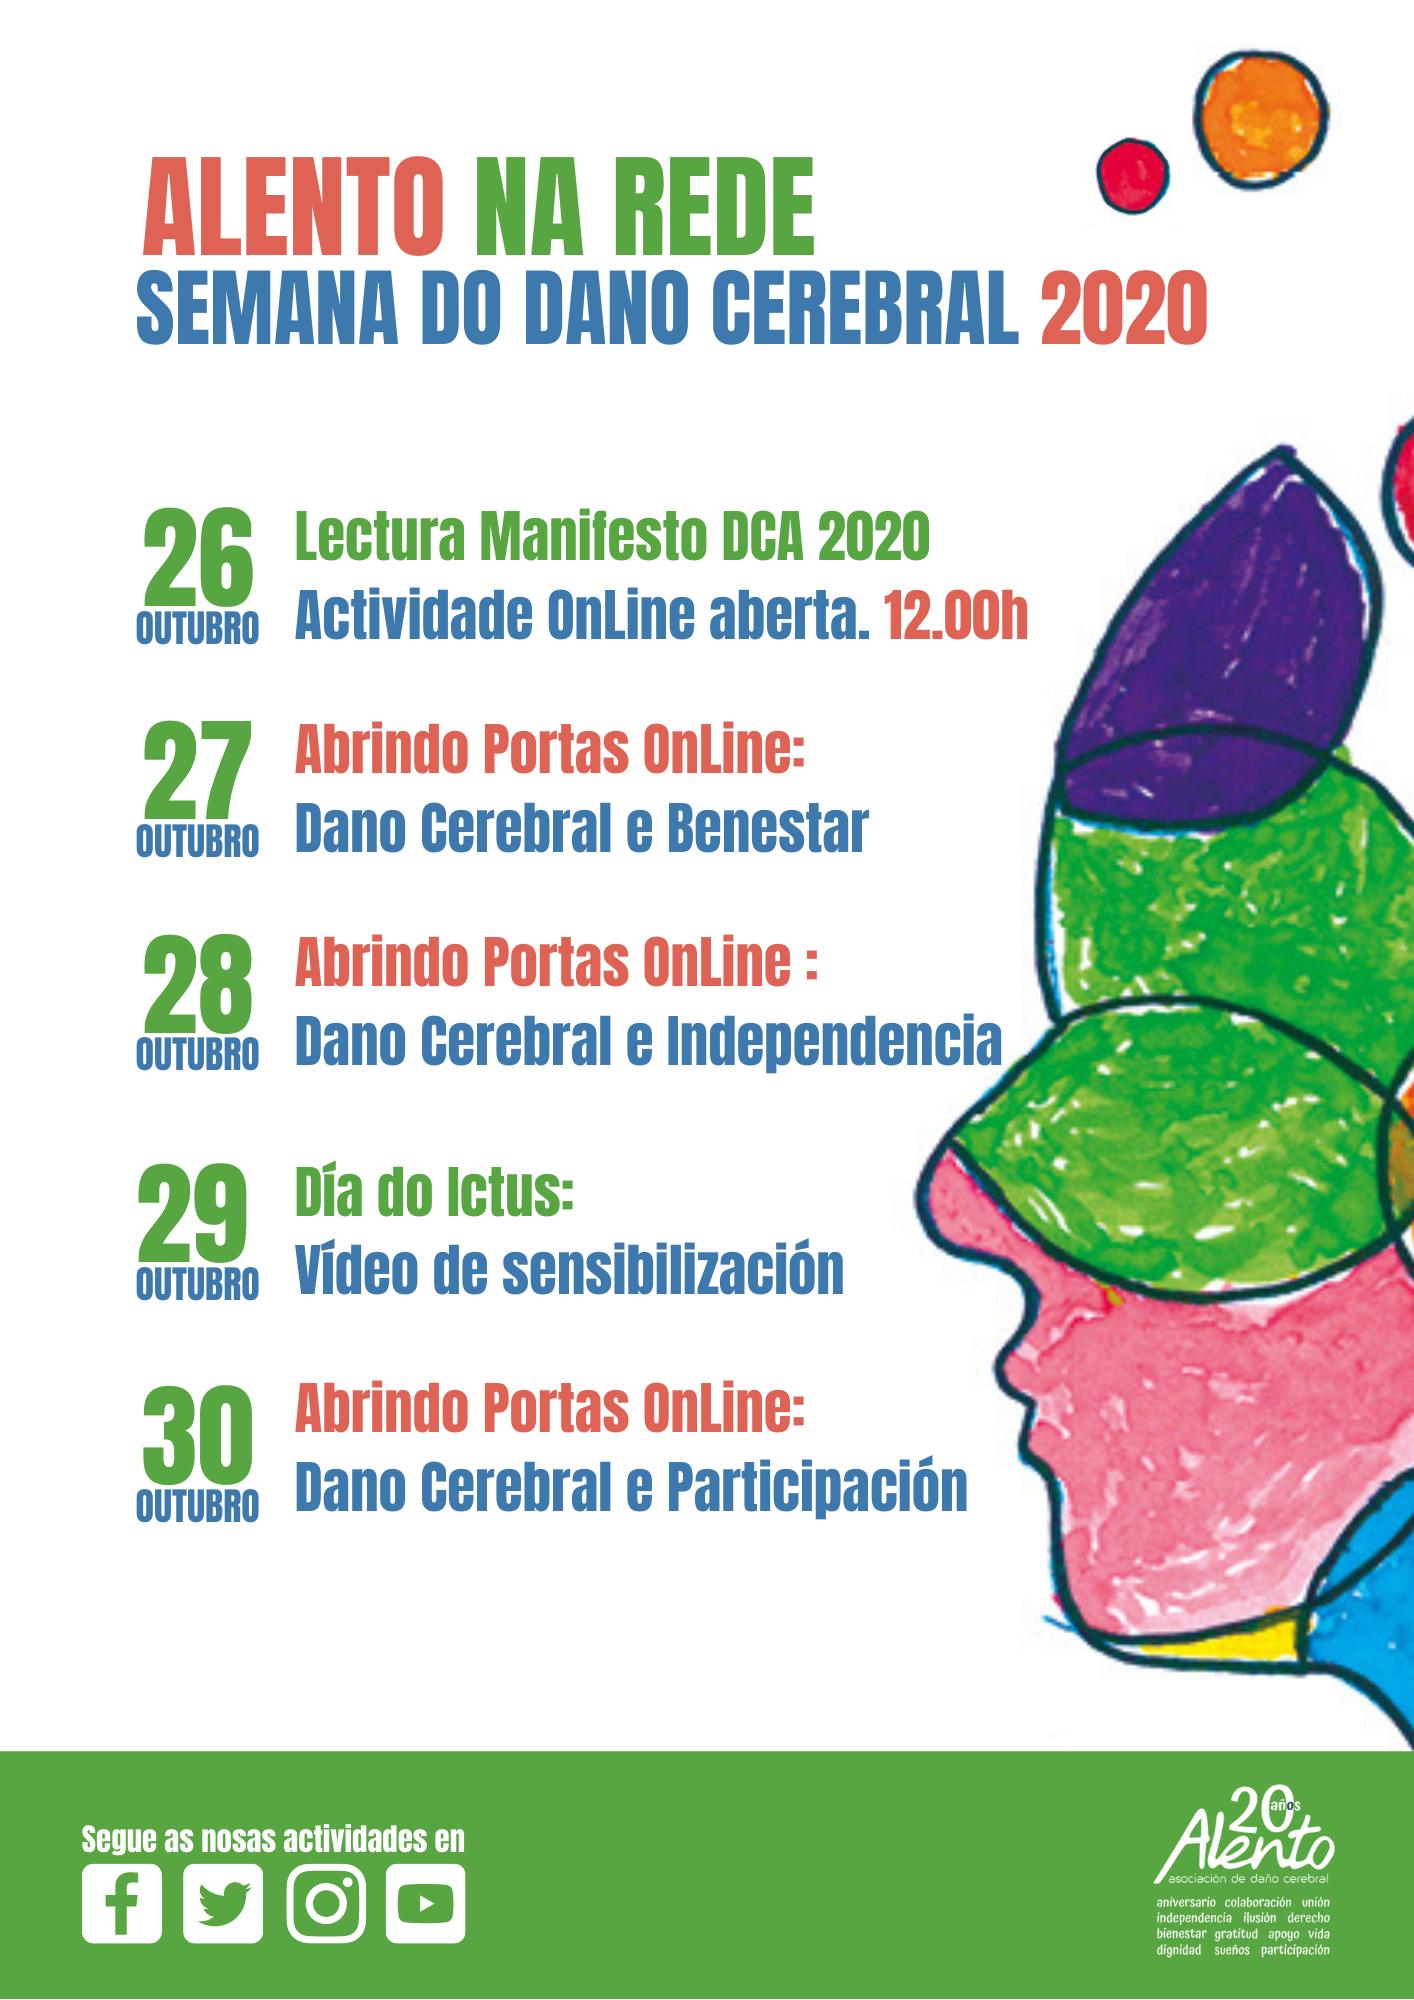 Cartel actos de la semana del Daño Cerebral 2020 organizada por la Asociación ALENTO